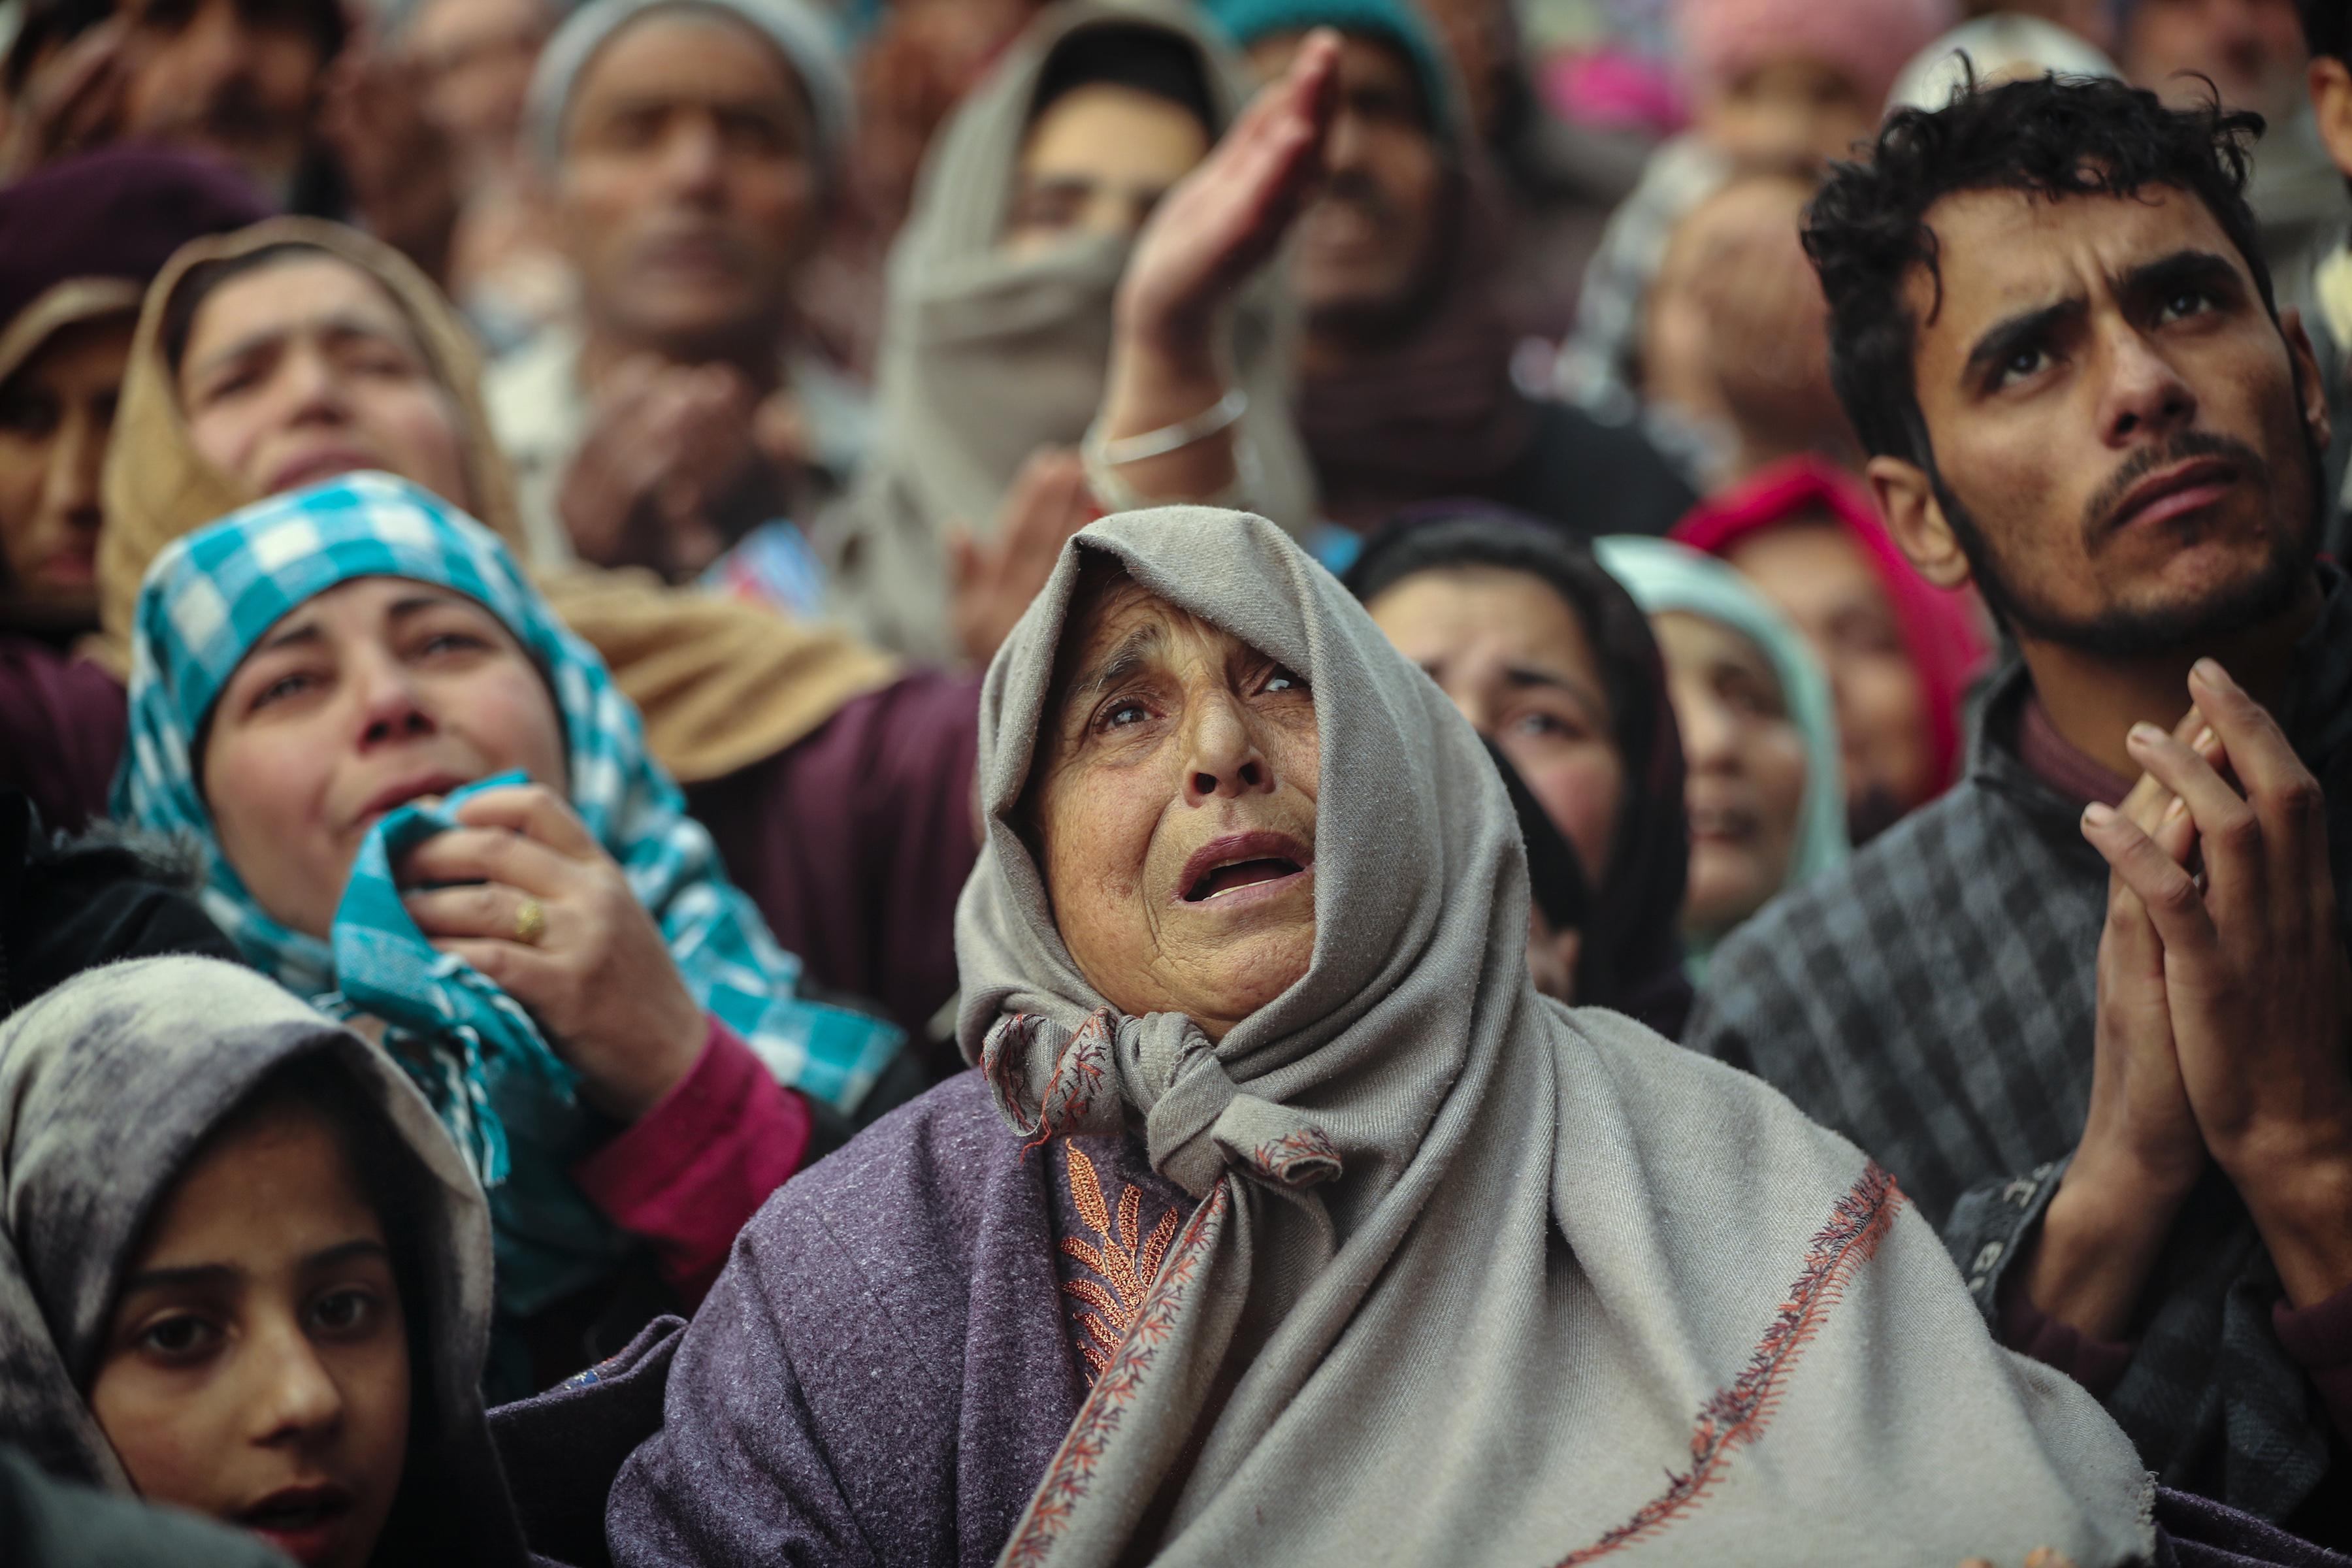 Los devotos musulmanes de Cachemira ofrecen oración fuera del santuario del santo sufí Sheikh Syed Abdul Qadir Jeelani en Srinagar, Cachemira controlada por la India, el 9 de diciembre de 2019. (Foto AP / Mukhtar Khan)